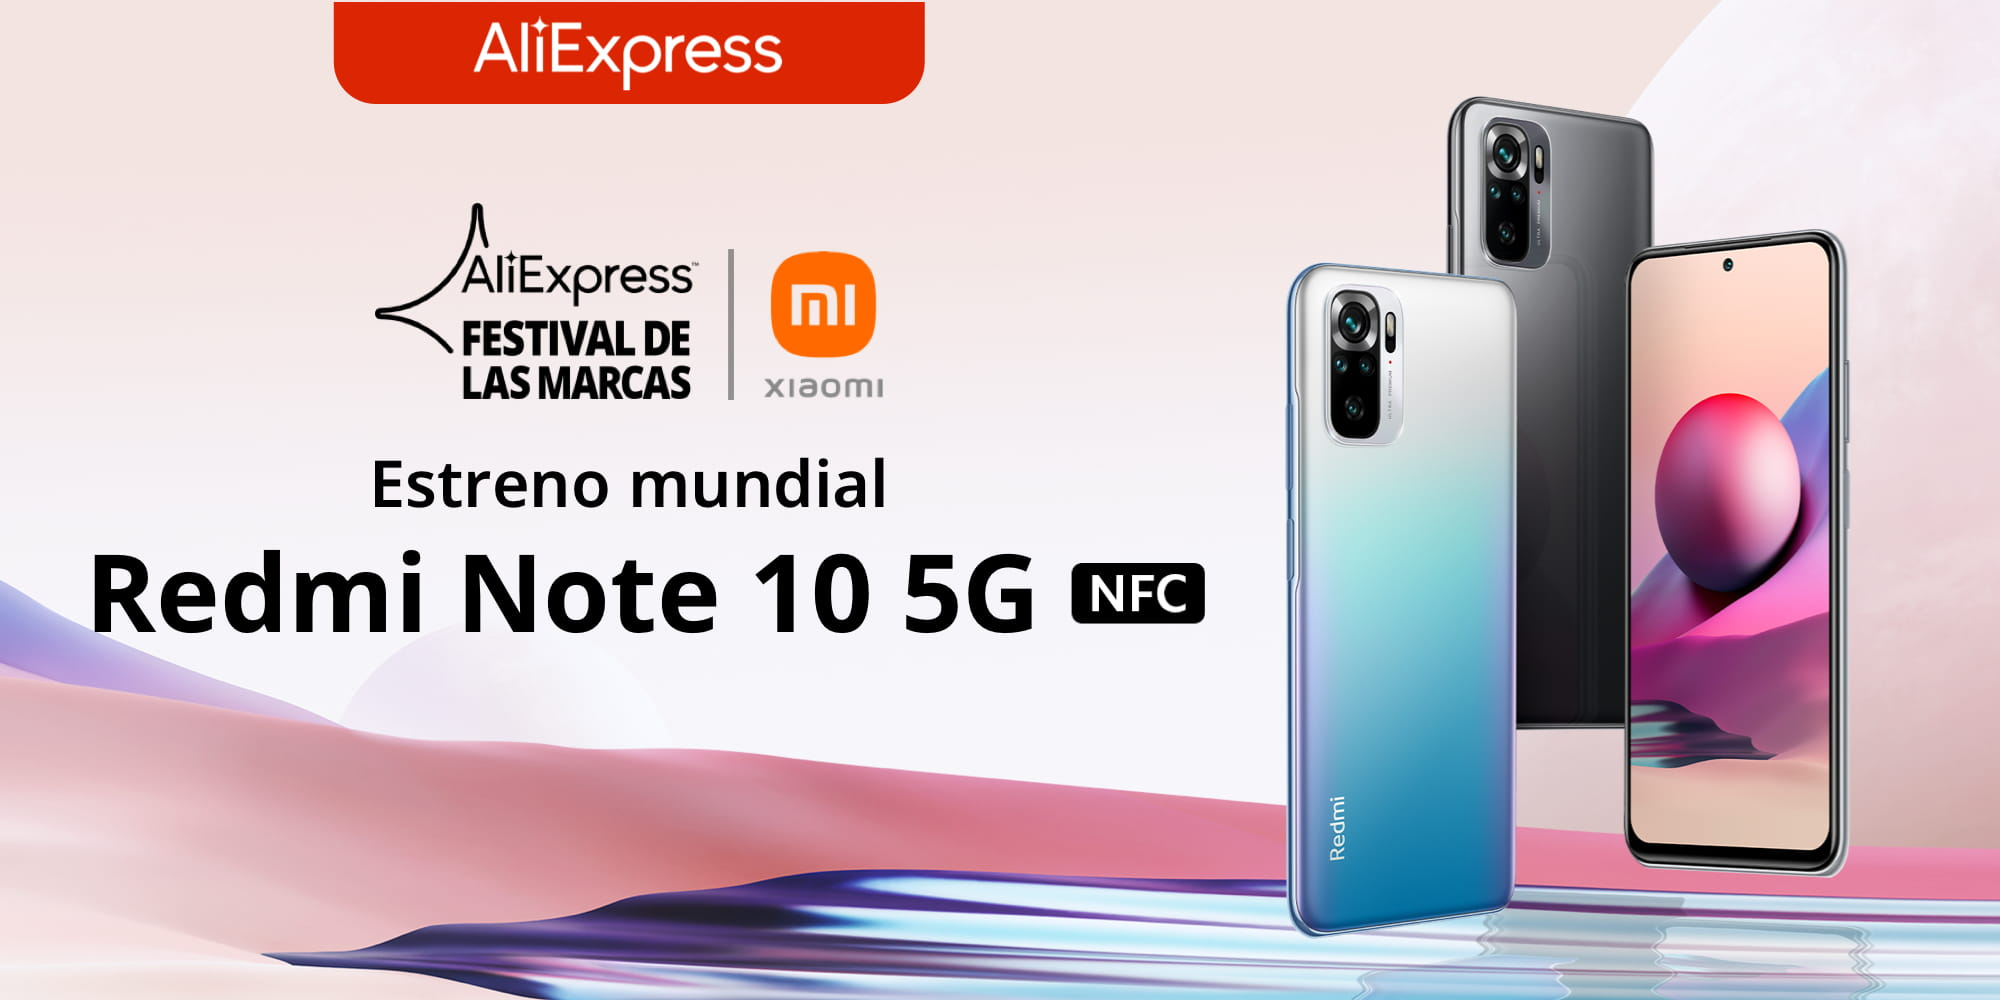 Los Redmi Note 10S y Note 10 5G debutan en AliExpress con oferta de lanzamiento. Noticias Xiaomi Adictos